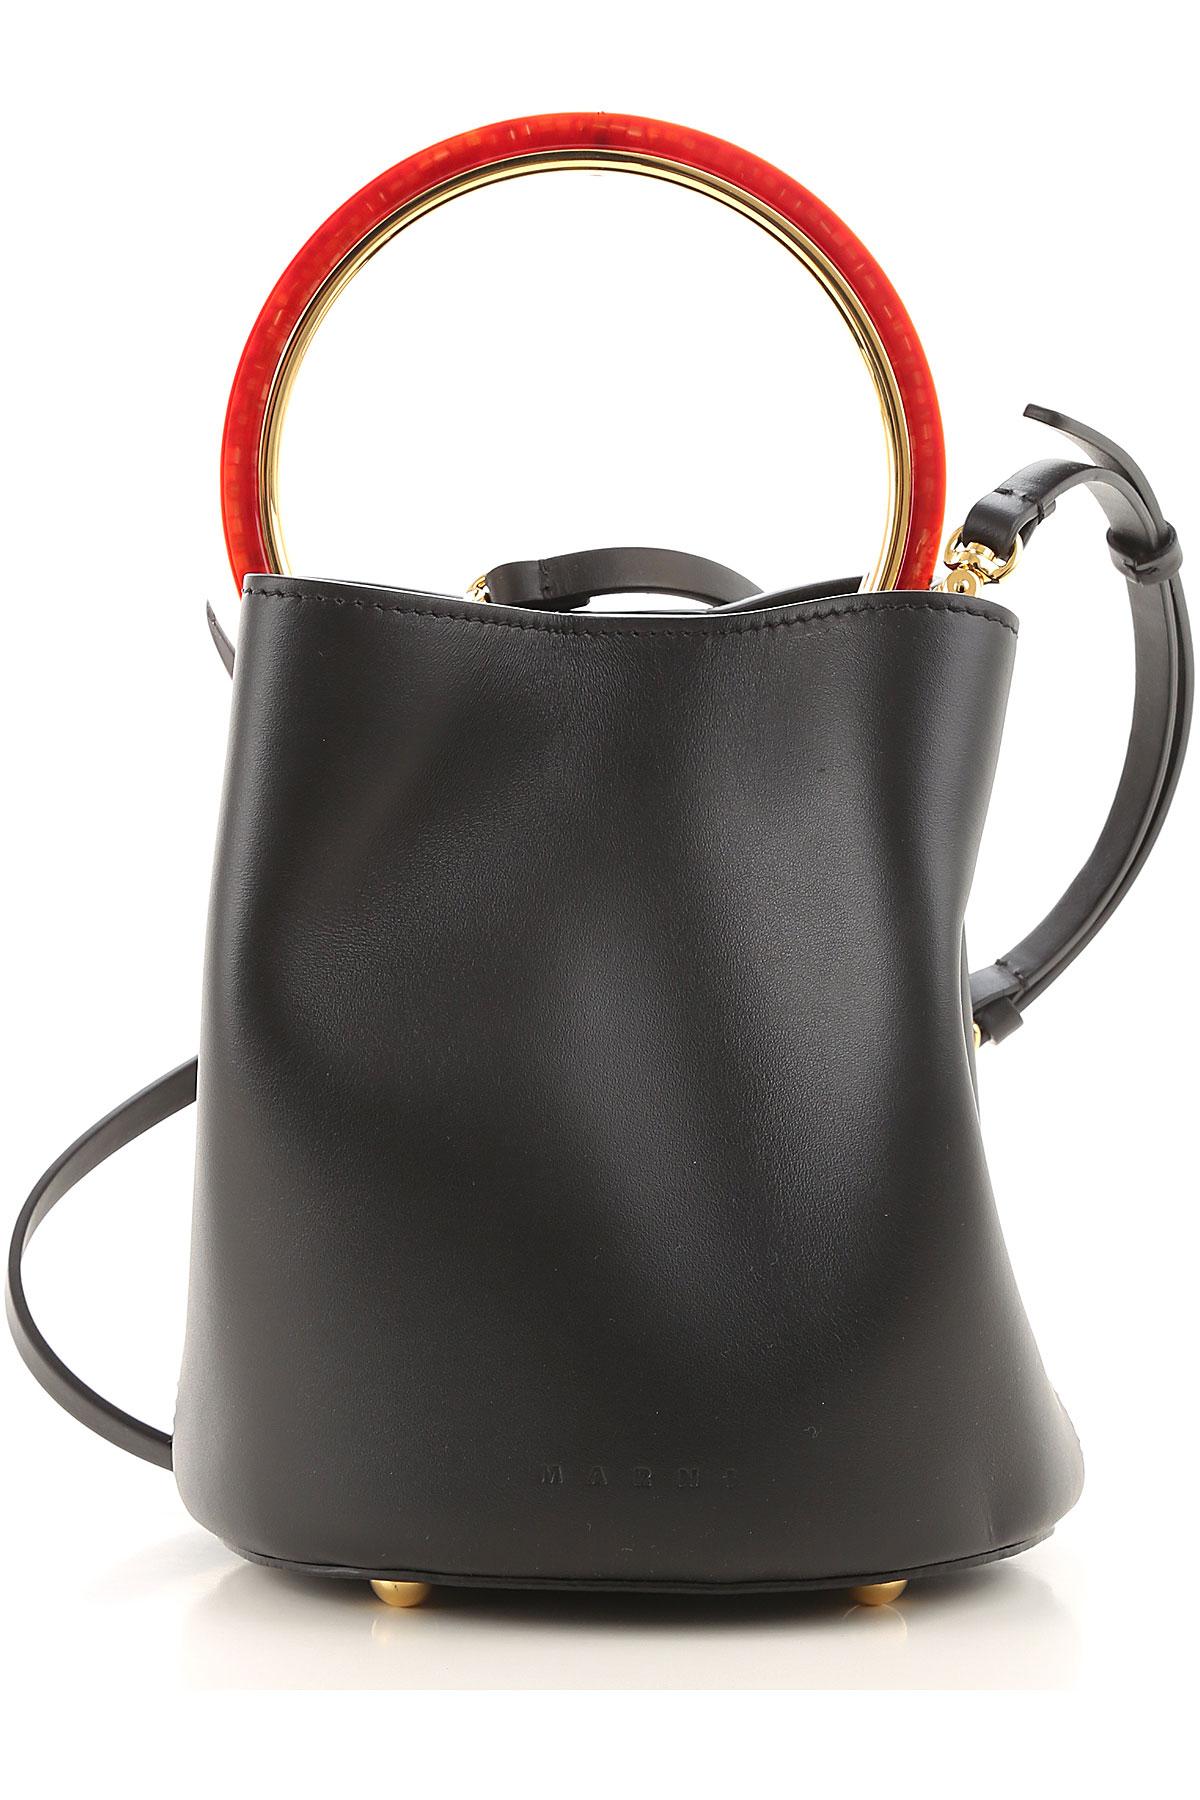 Marni Shoulder Bag for Women On Sale, Black, Leather, 2019